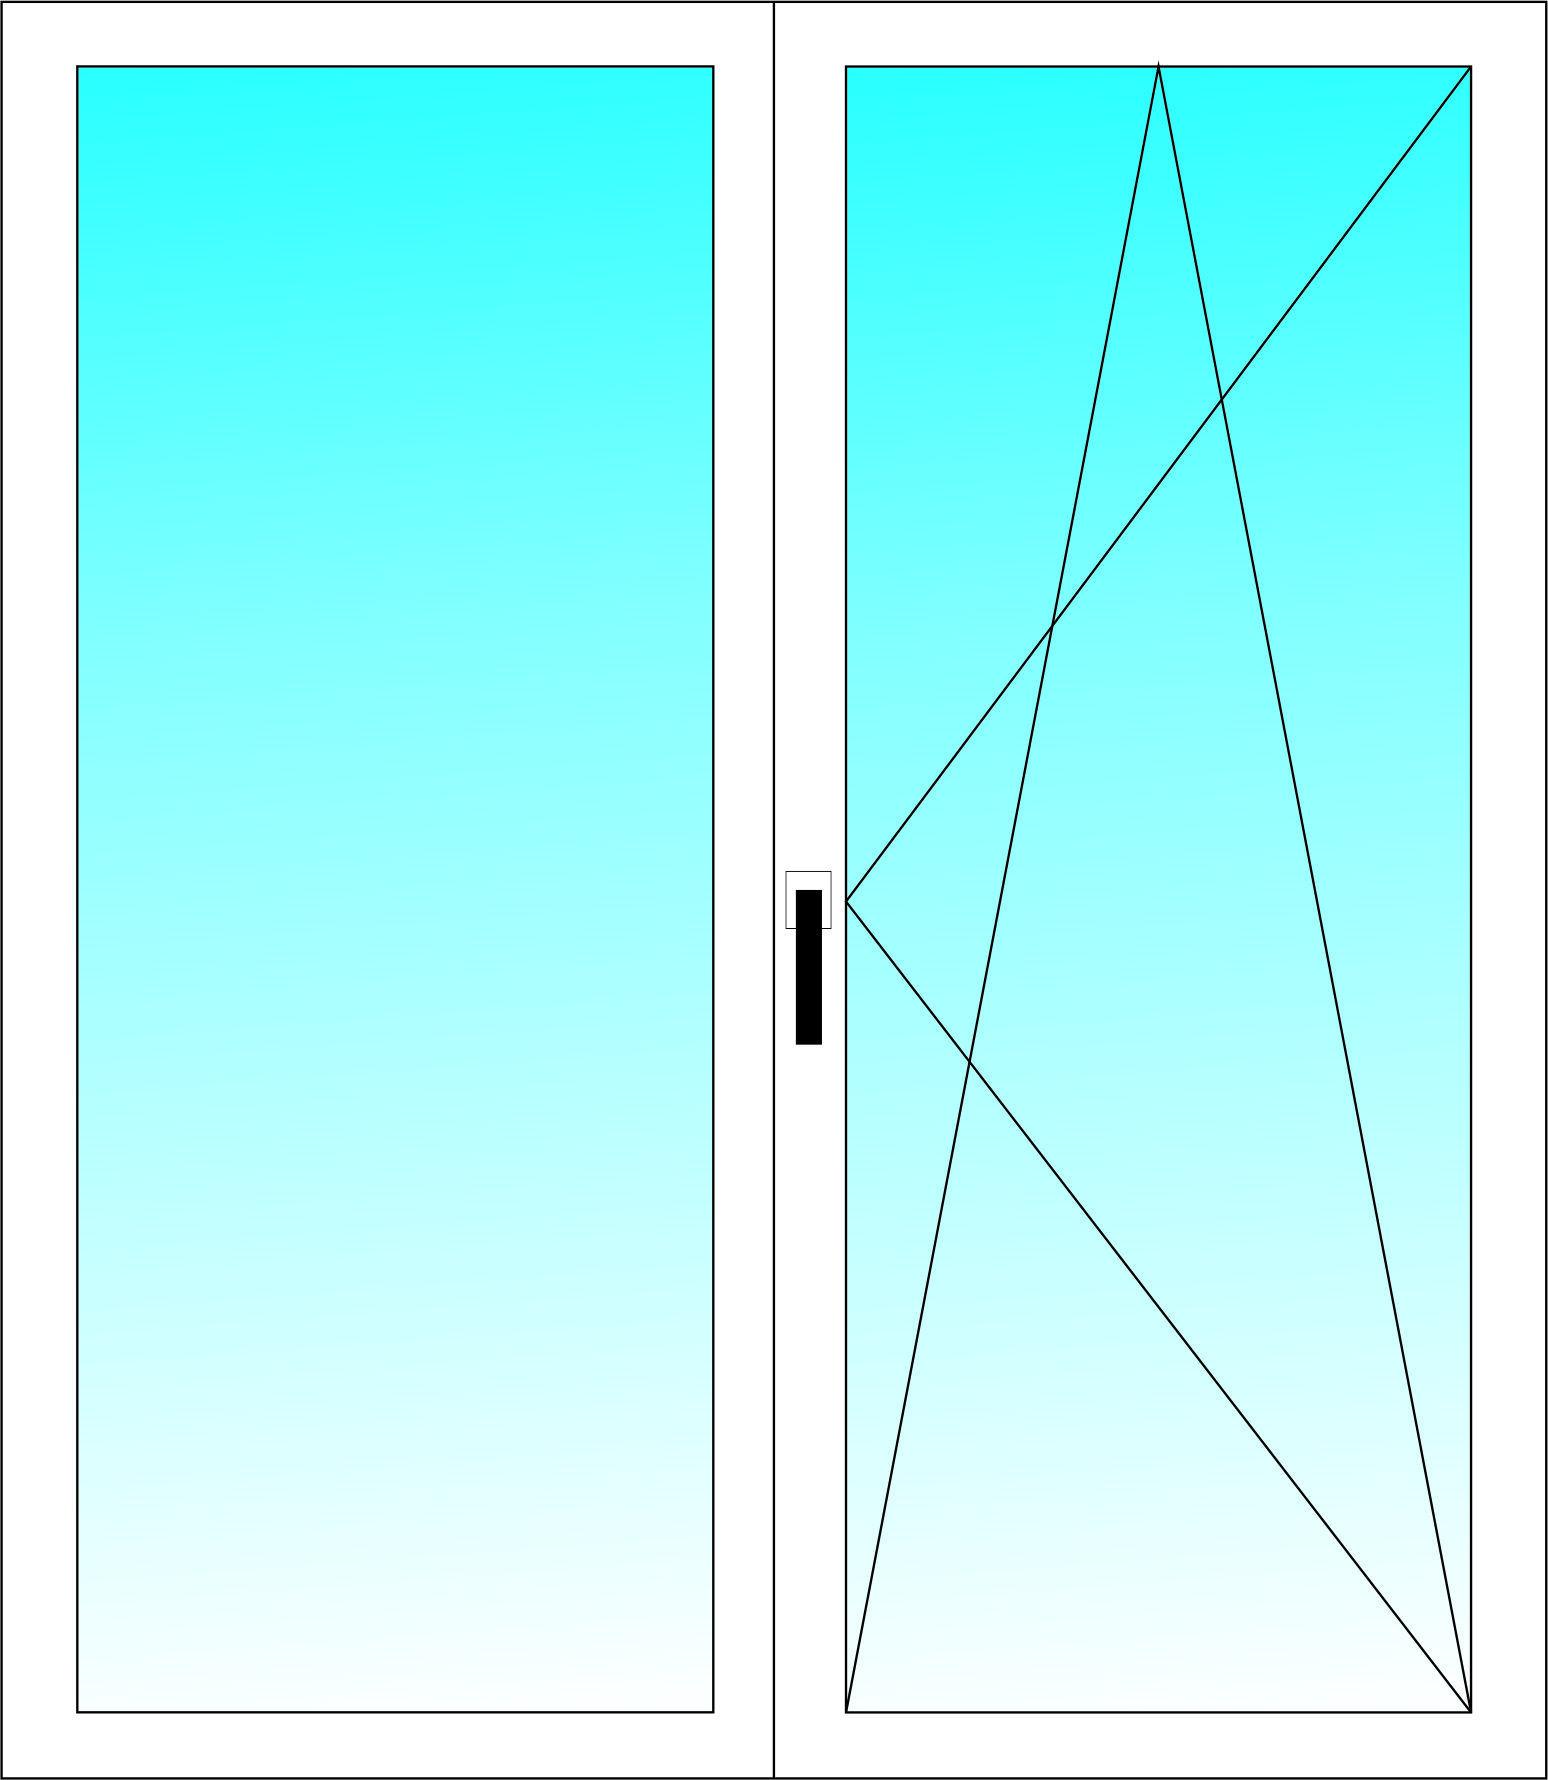 Окно двухстворчатое ALUPLAST 5-ти камерный профиль с однокамерным стеклопакетом 1400х1400 мм